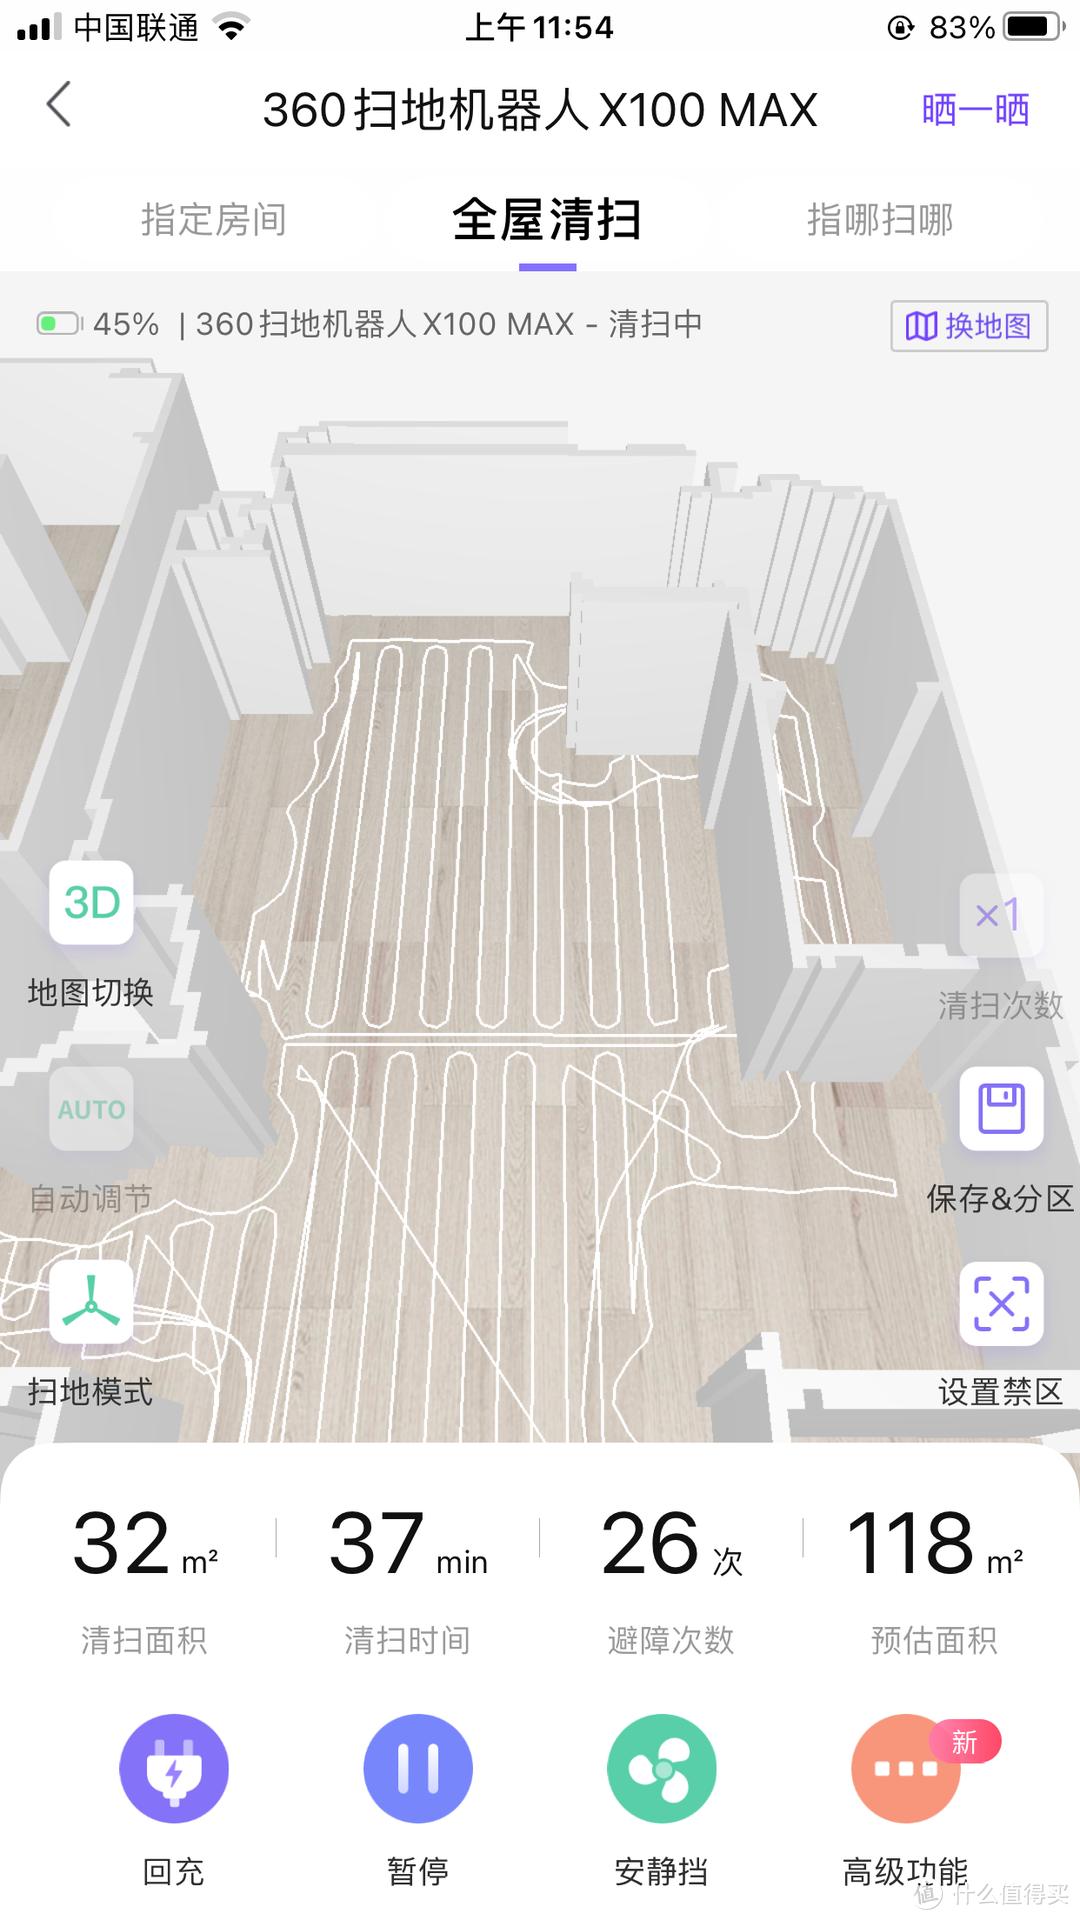 实测二孩家庭最实用的扫地机器人,360X100max扫地机深度测评